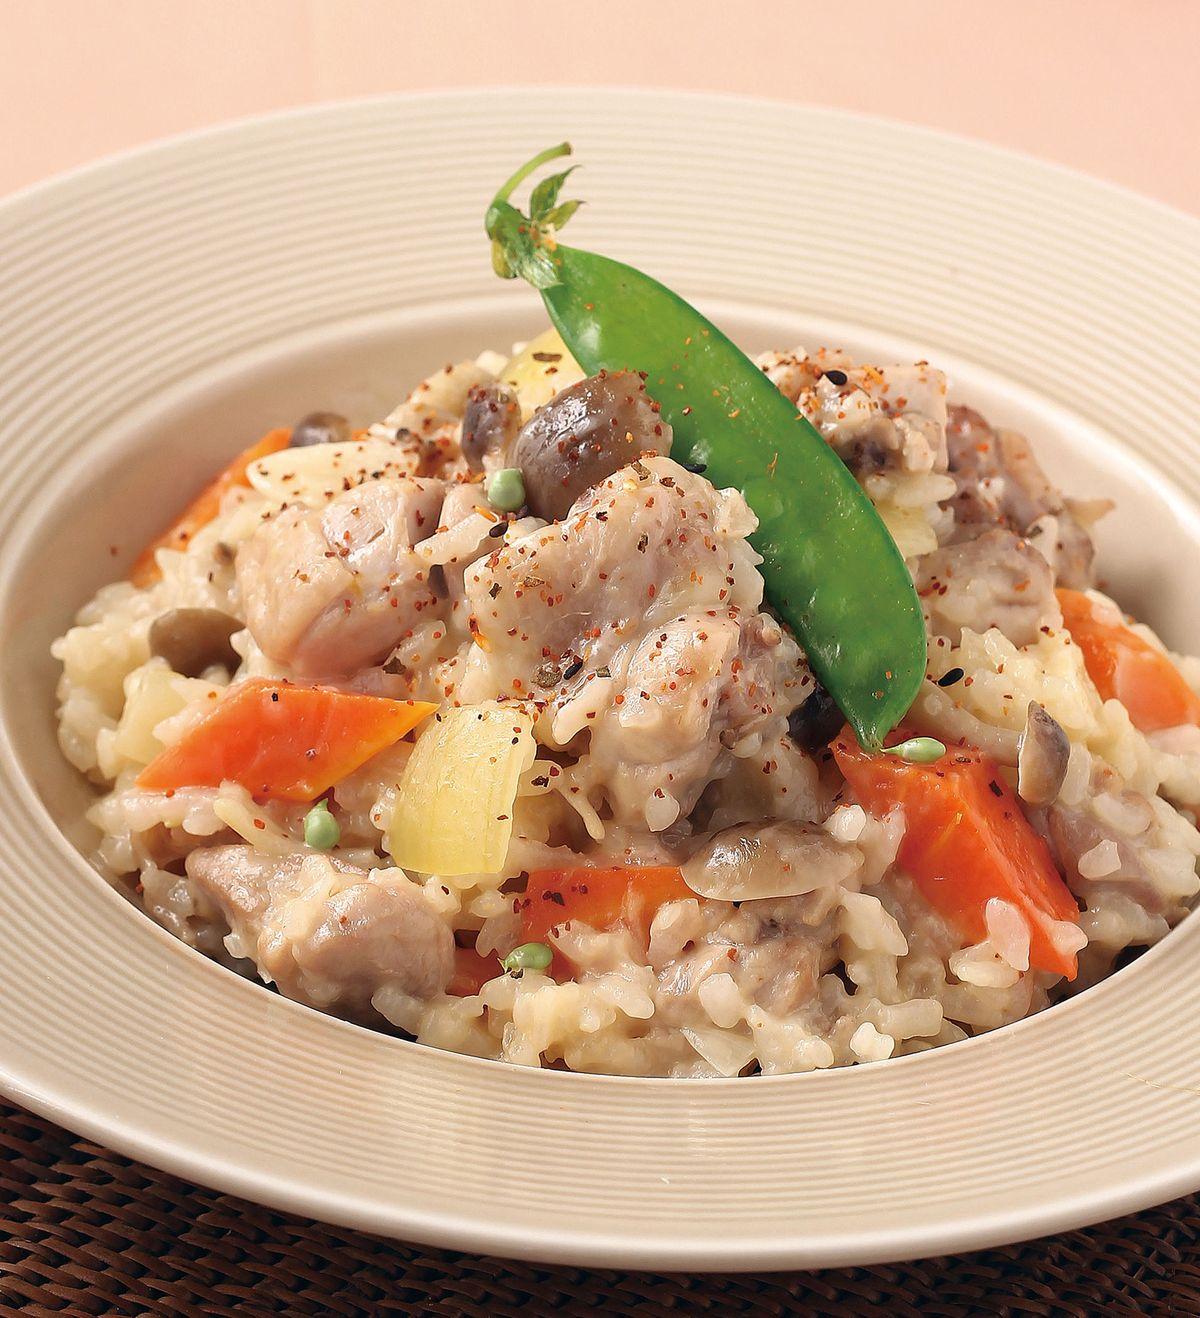 食譜:普羅旺斯雞腿燉飯